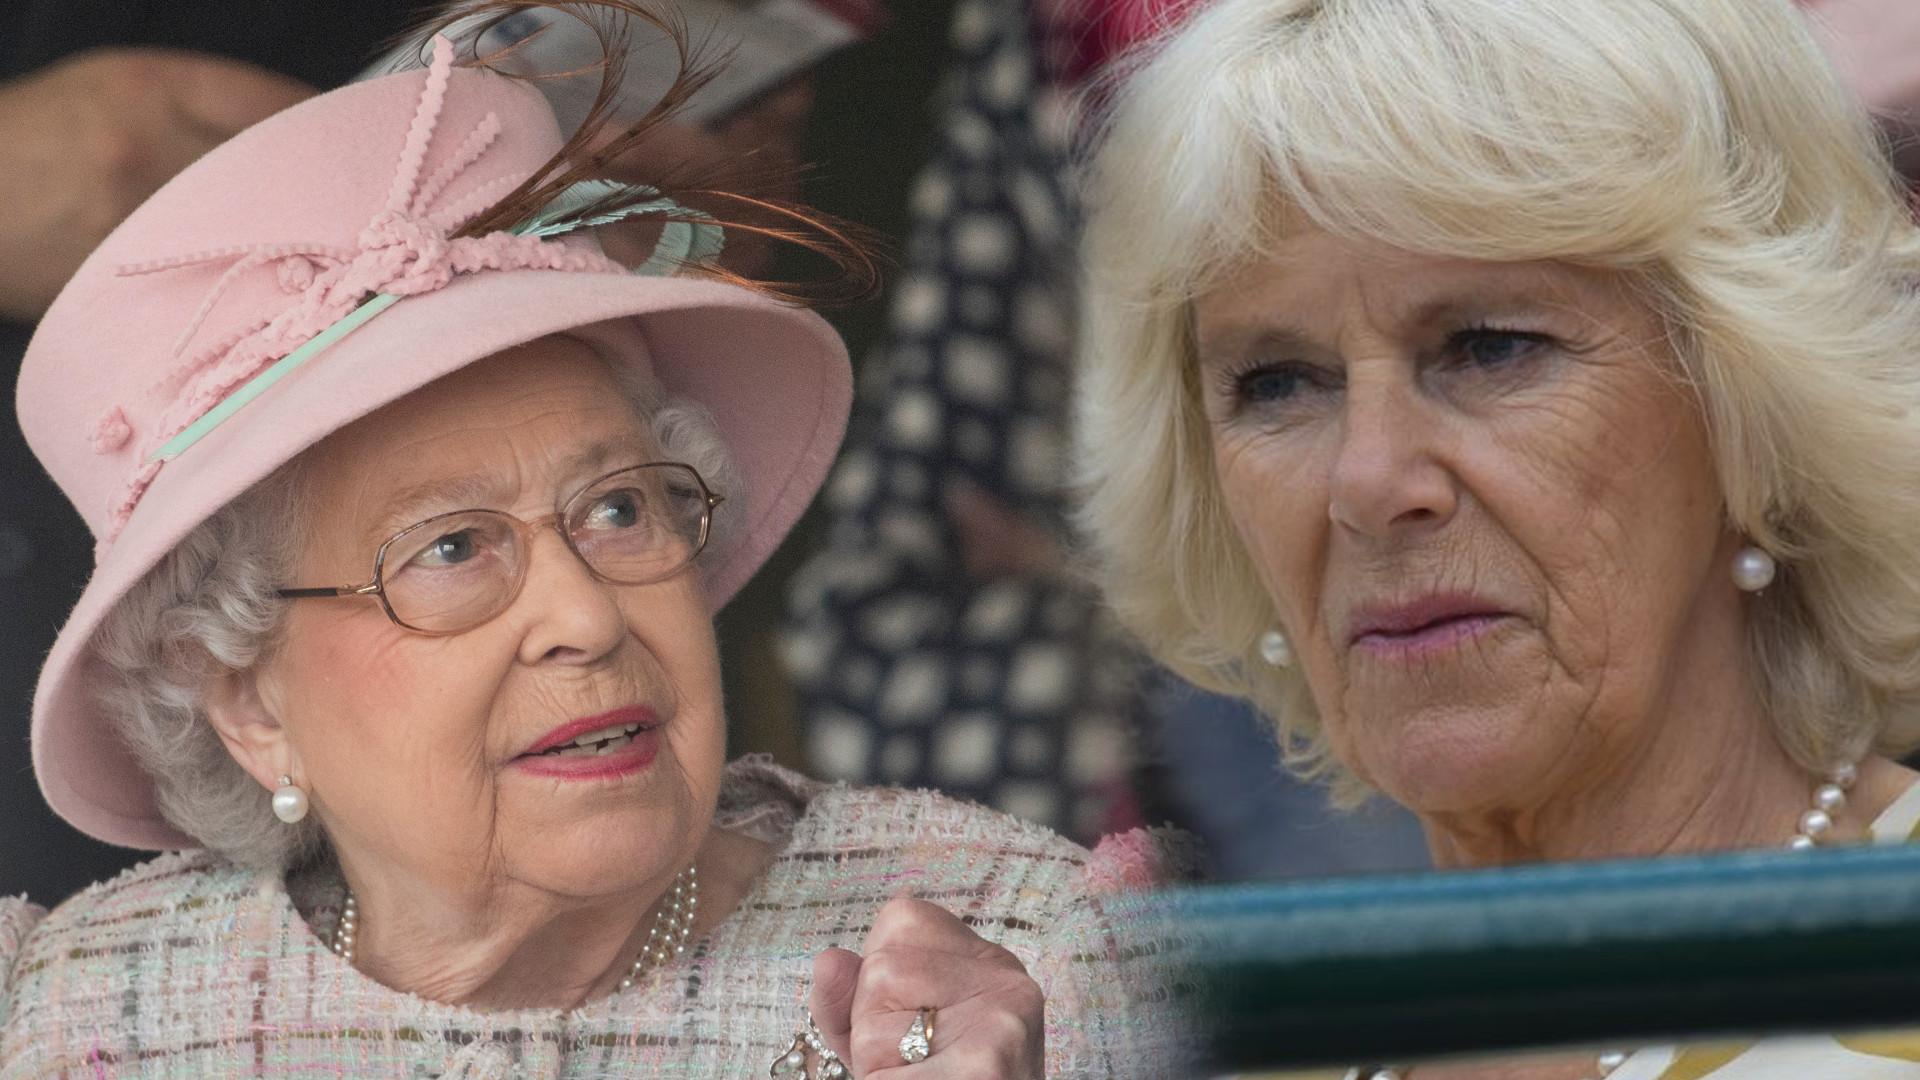 SKANDAL w pałacu – pijana Camilla UDERZYŁA królową Elżbietę?